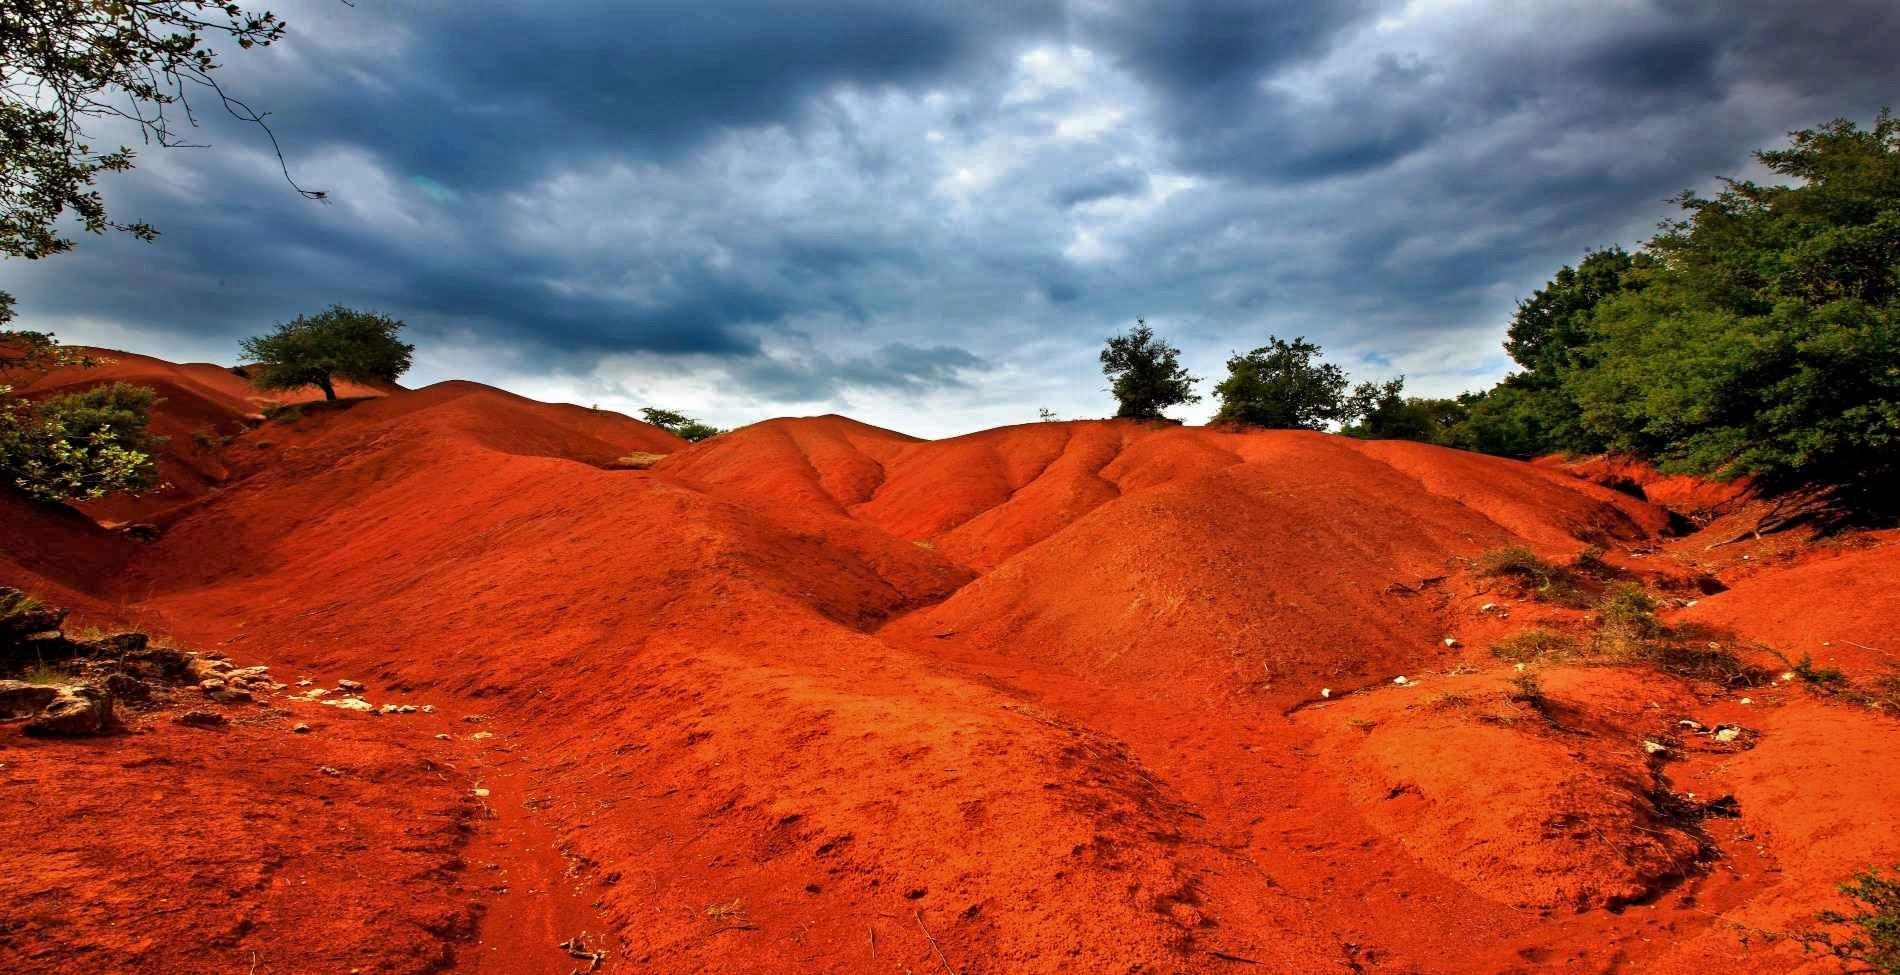 Κοκκινοπηλός: Το απόκοσμο κόκκινο τοπίο στην Πρέβεζα που θυμίζει τον πλανήτη Άρη